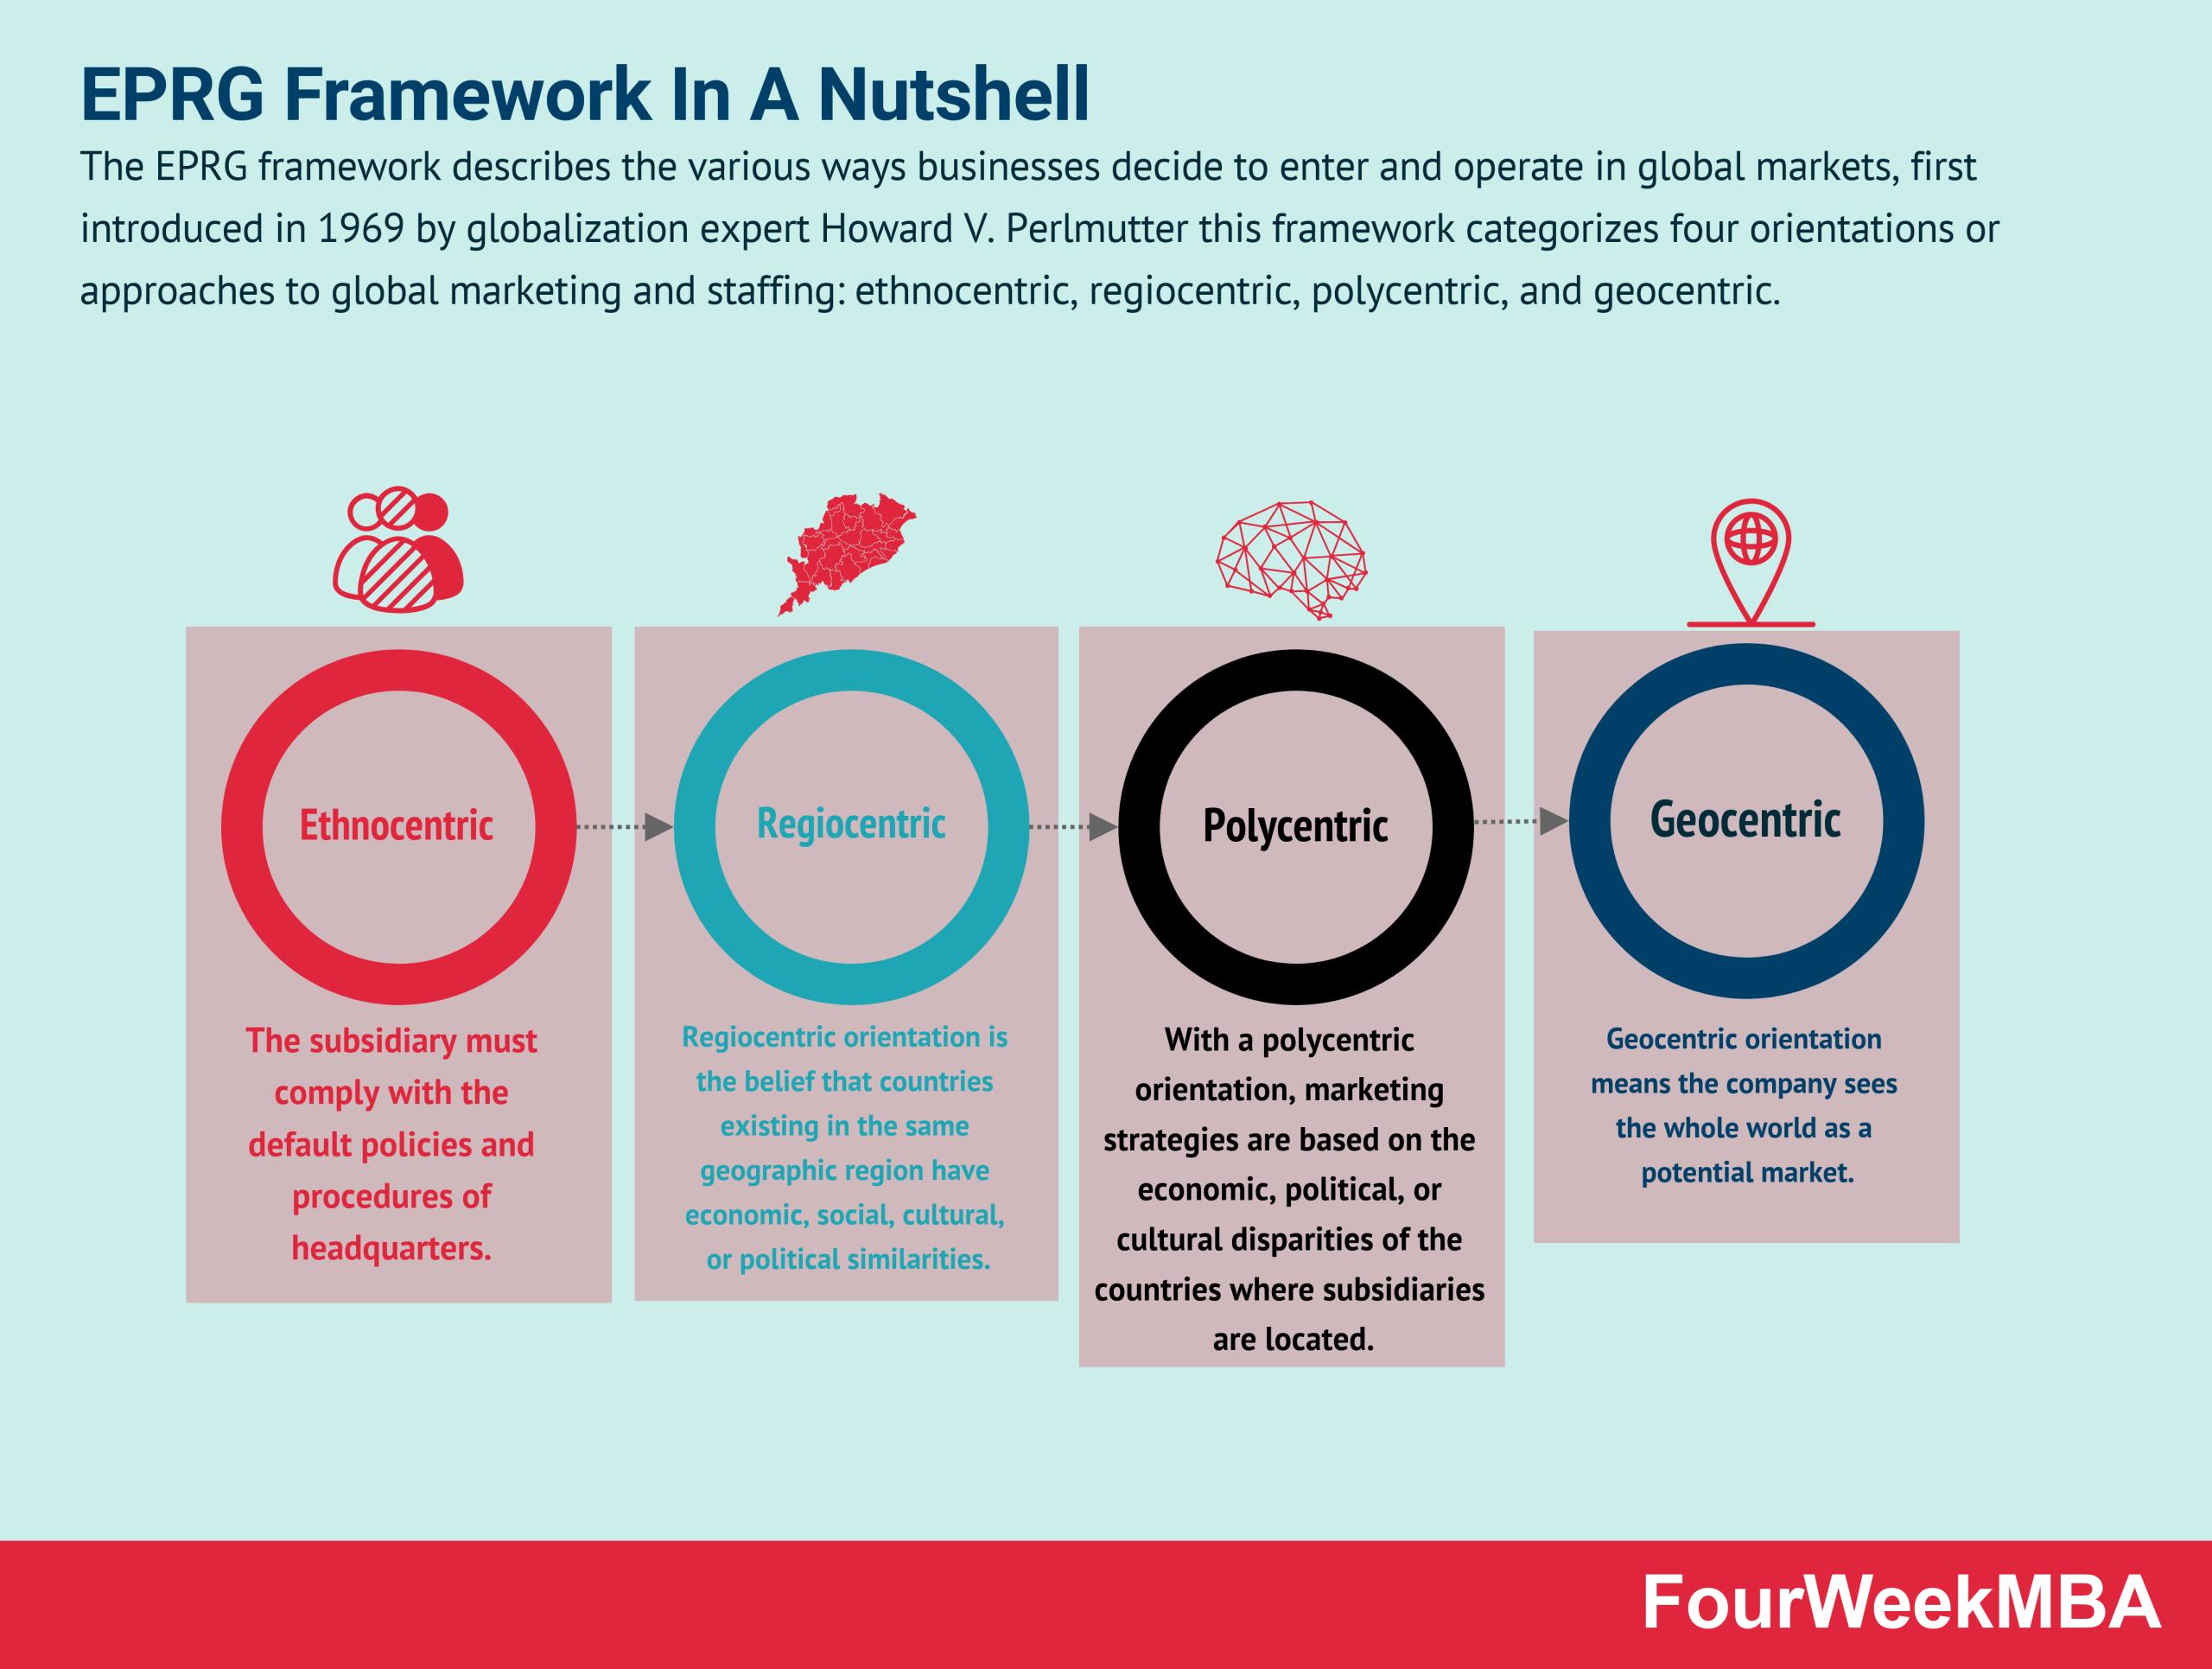 eprg-framework